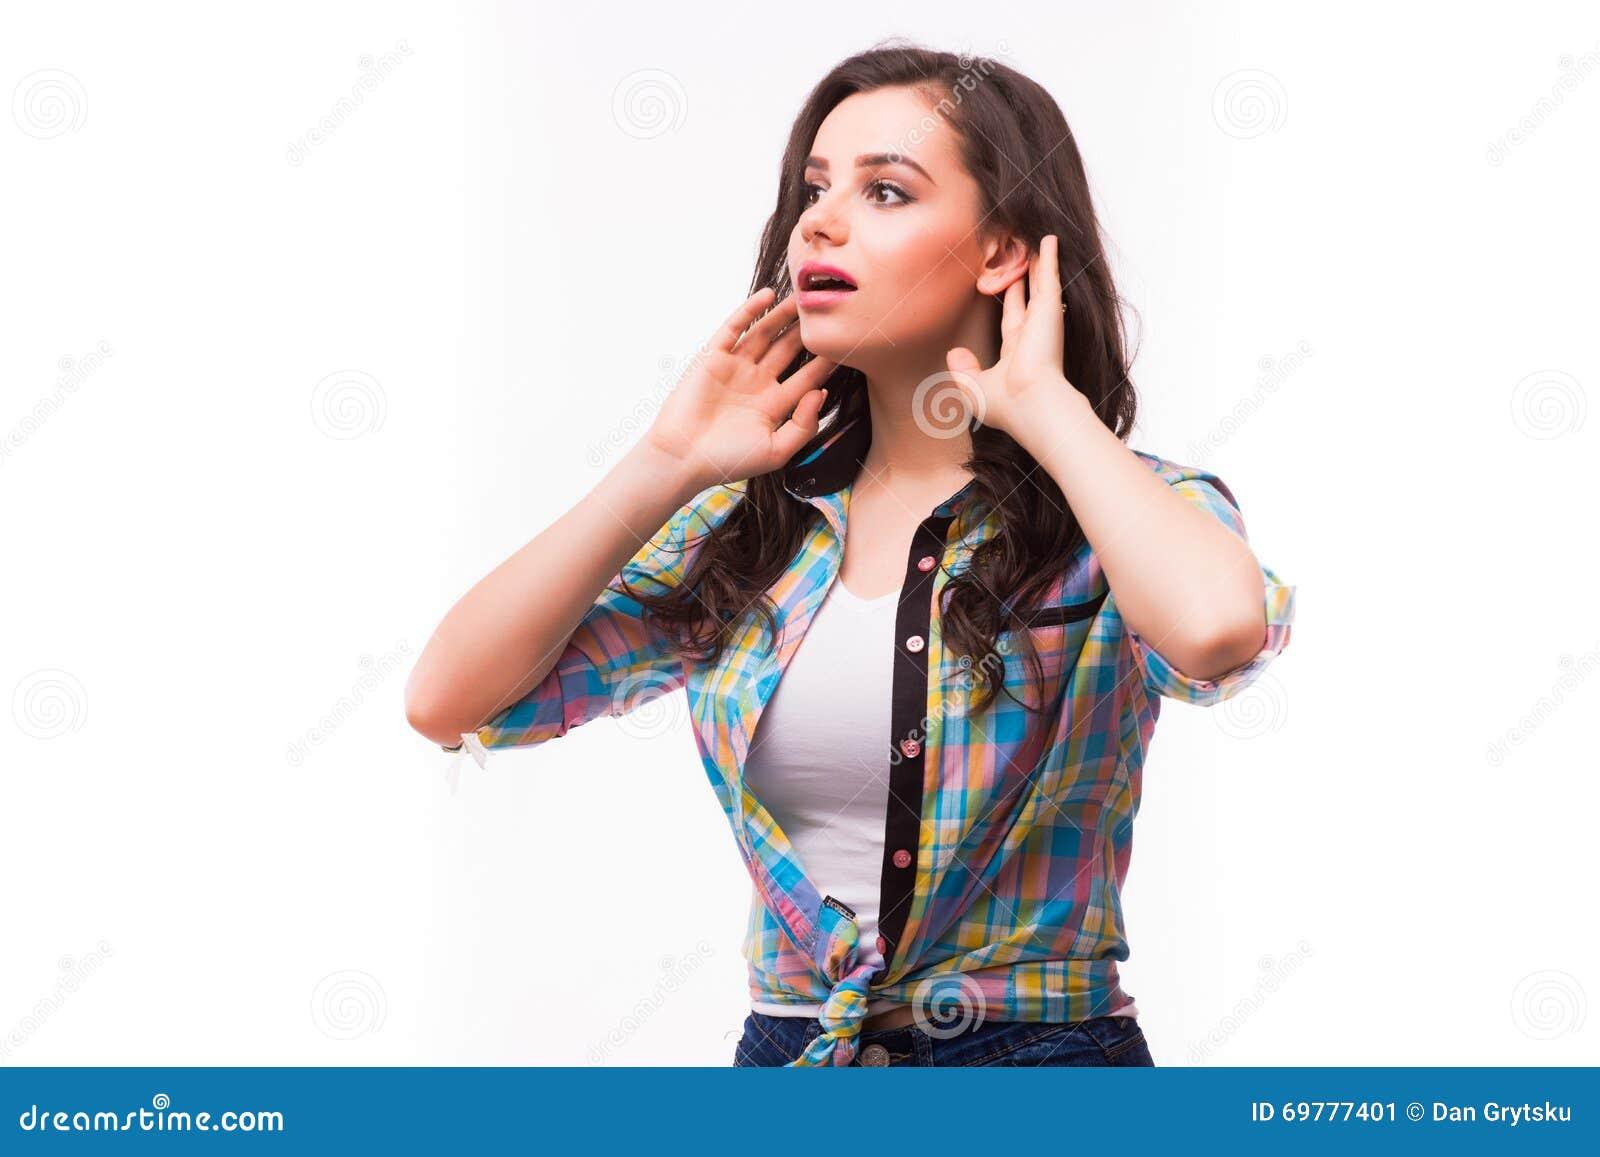 Jeune femme avec un trouble de l audition ou une perte d audition mettant en forme de tasse sa main derrière son oreille